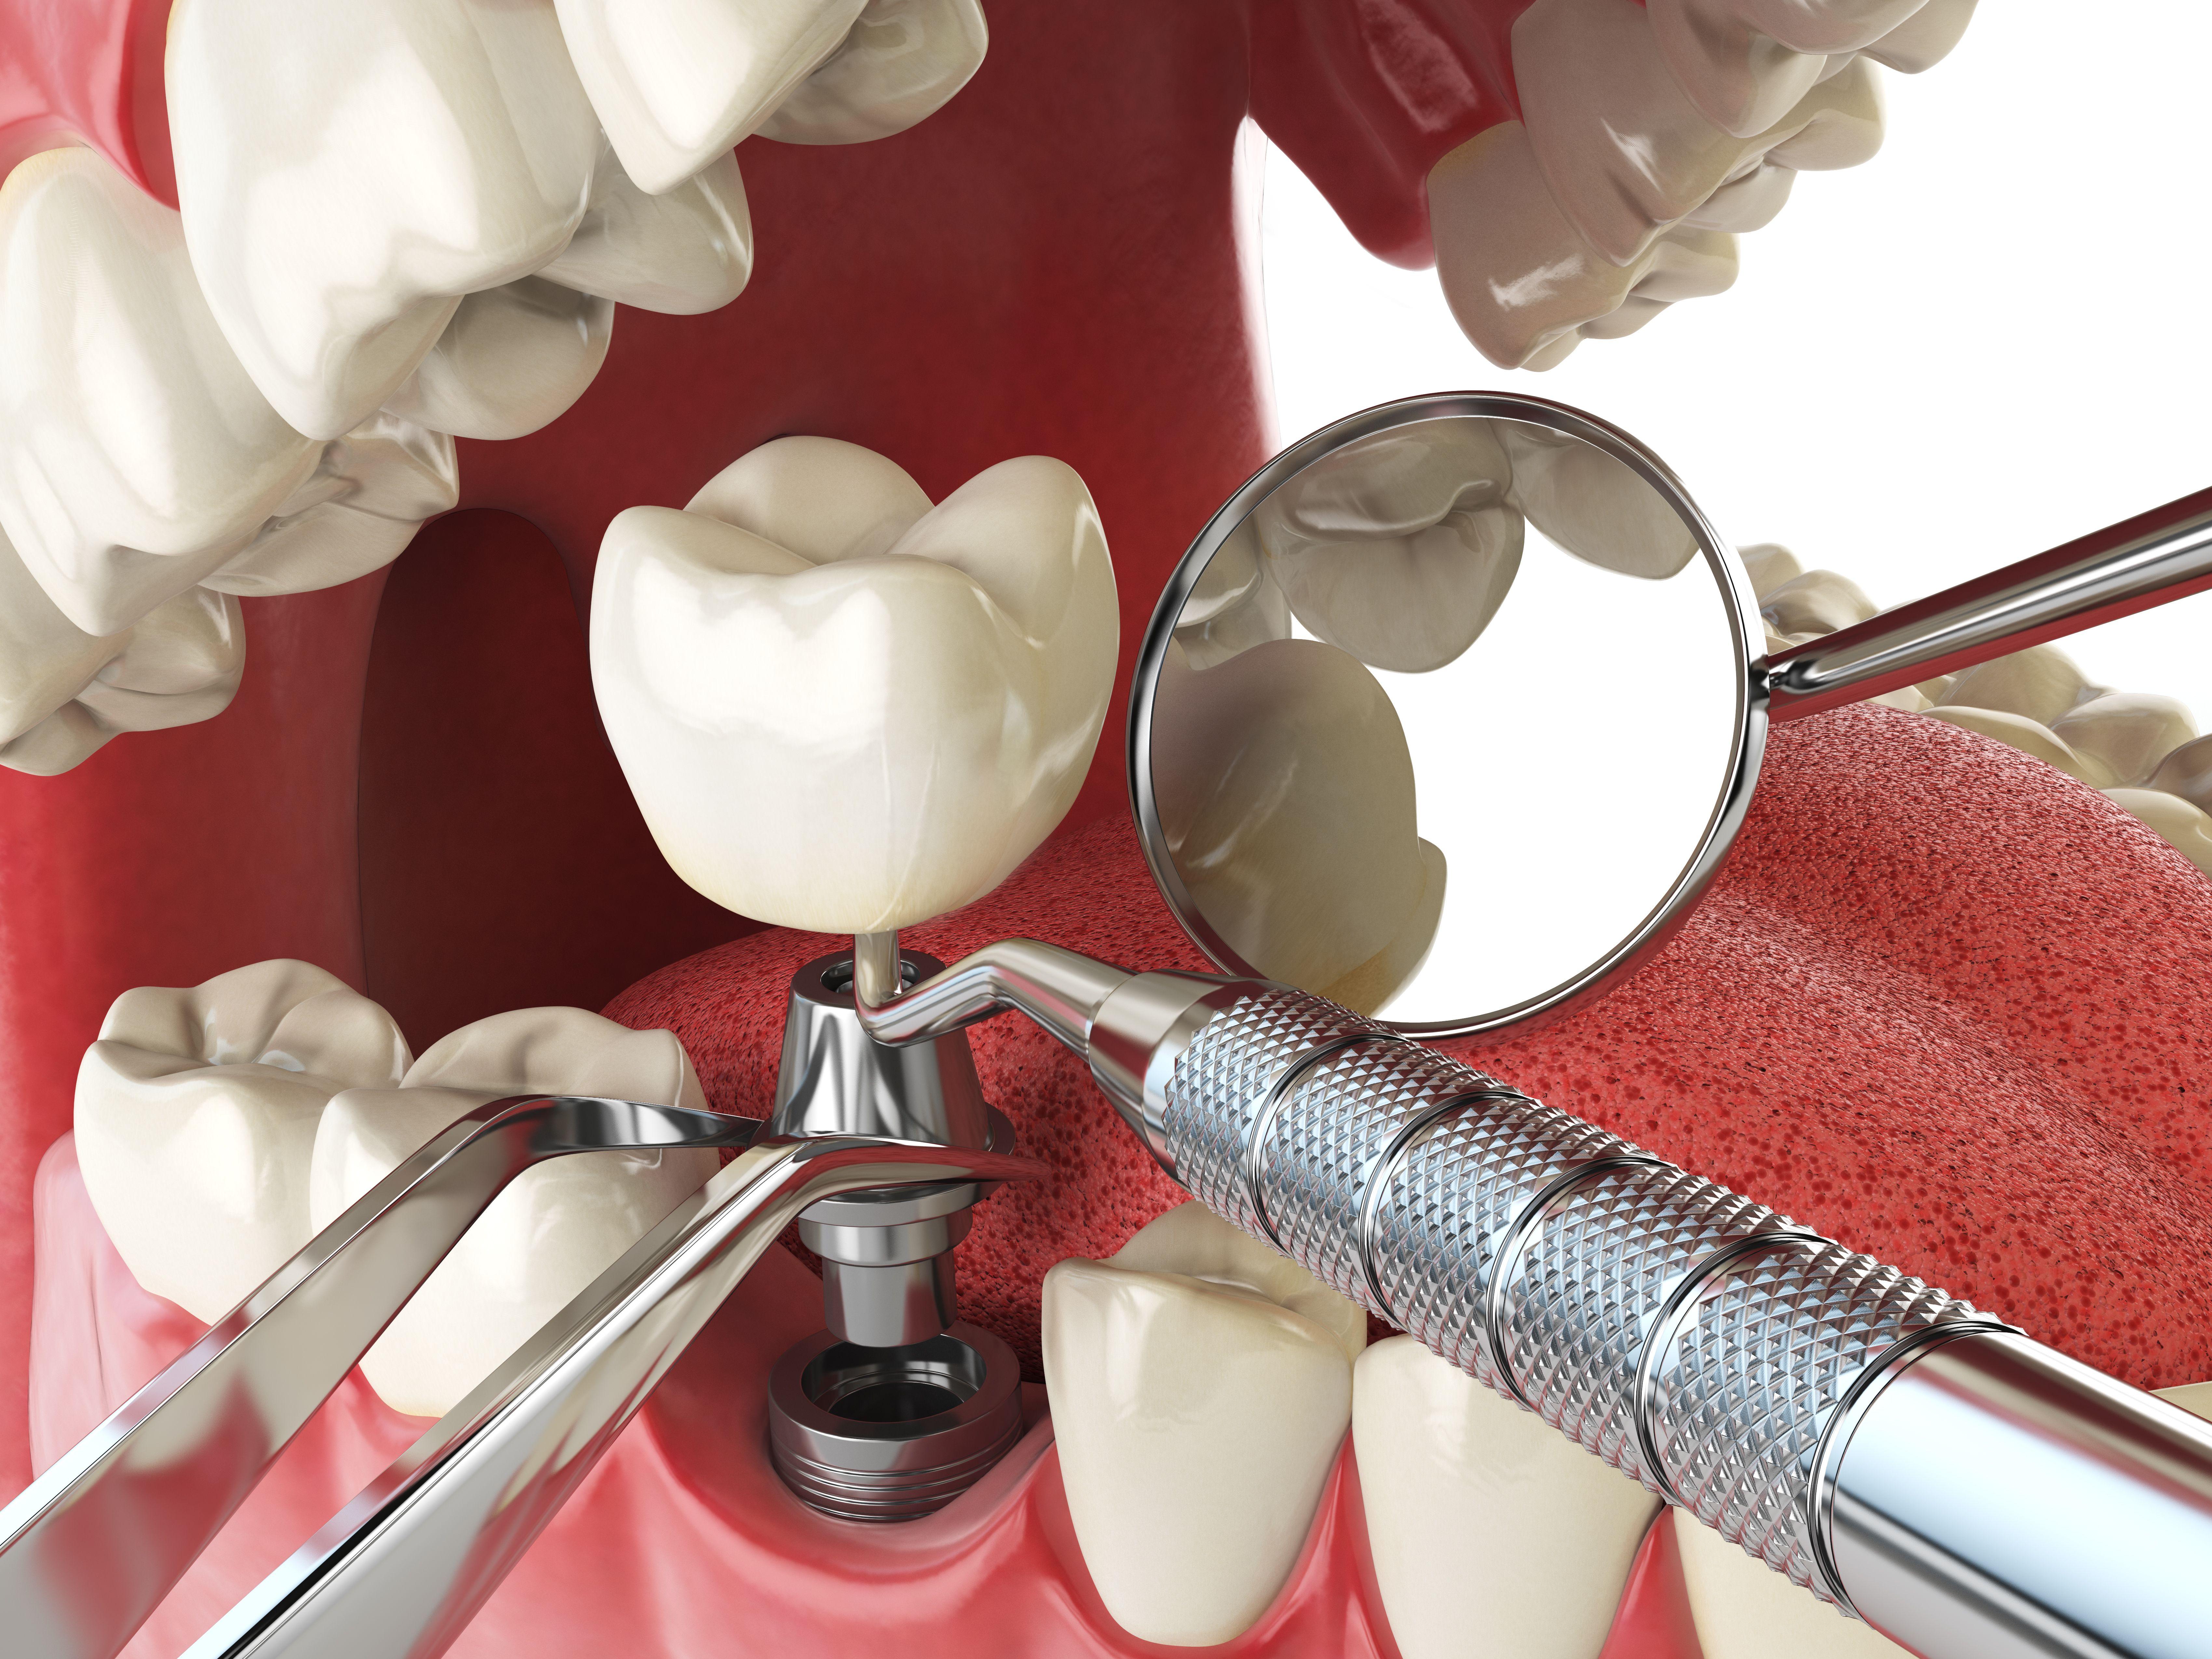 Implantes: Servicios y casos de clínica dental DR. MOLINETE